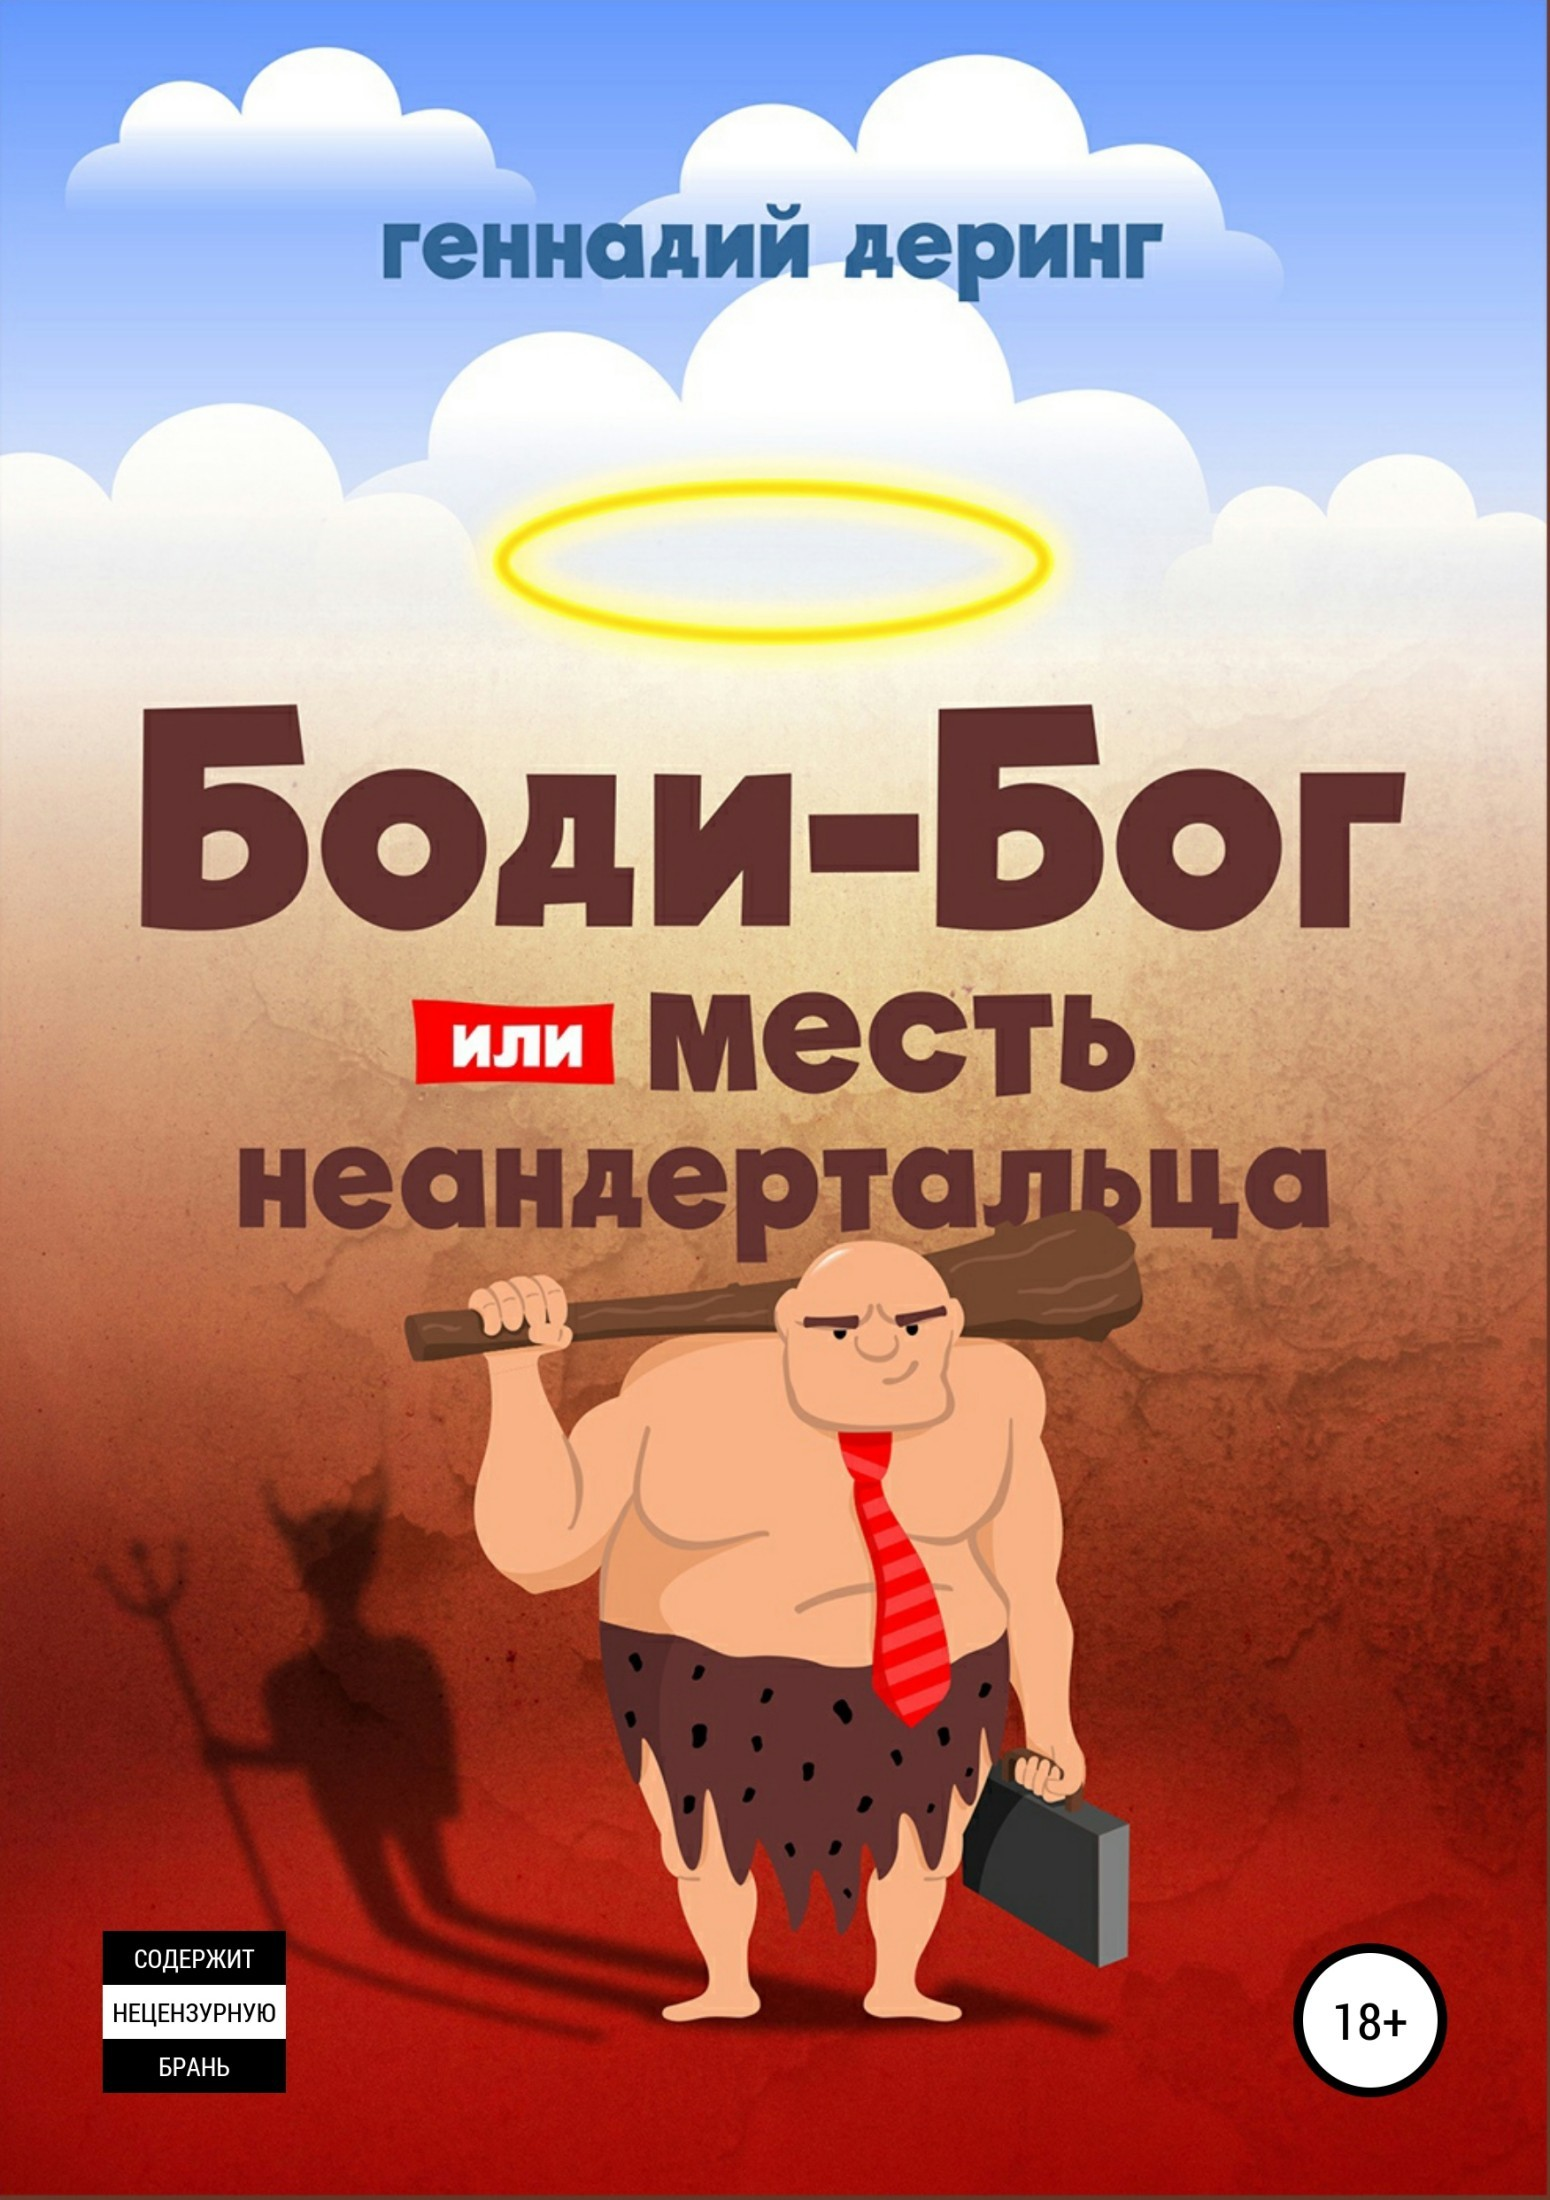 Геннадий Деринг - Body-Бог, или Месть неандертальца